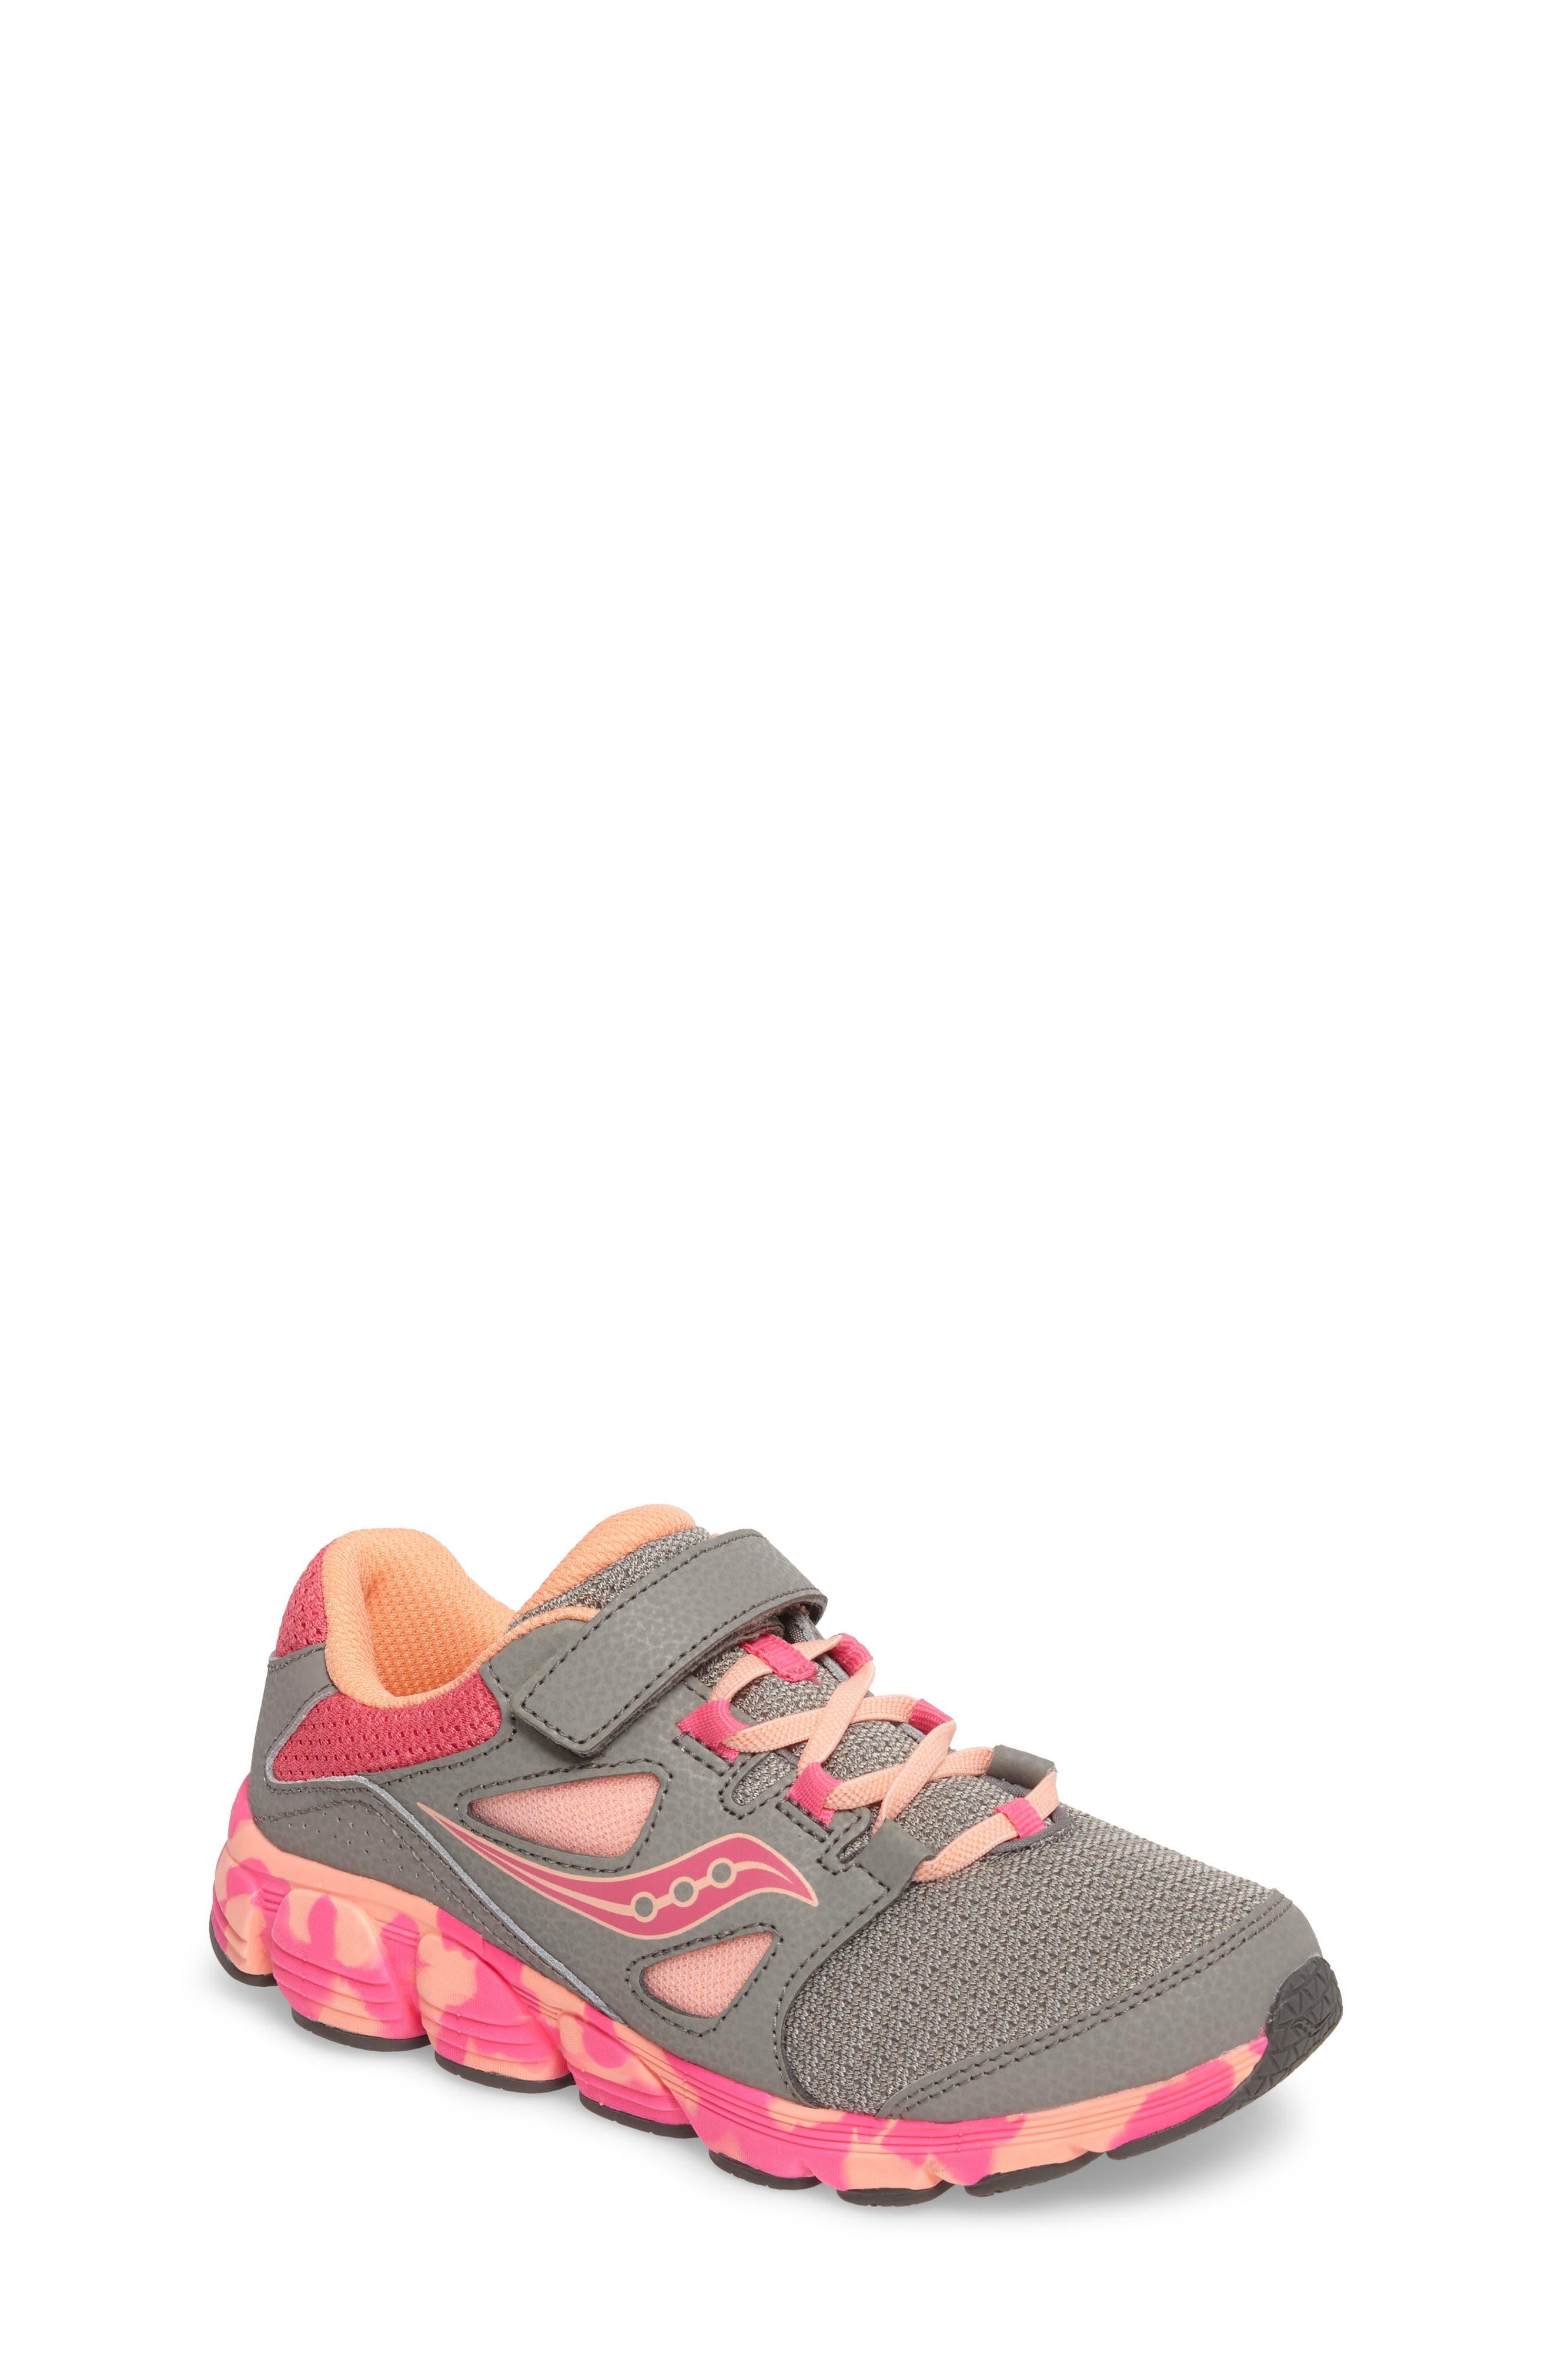 Kotaro 4 Sneaker,                         Main,                         color, 020